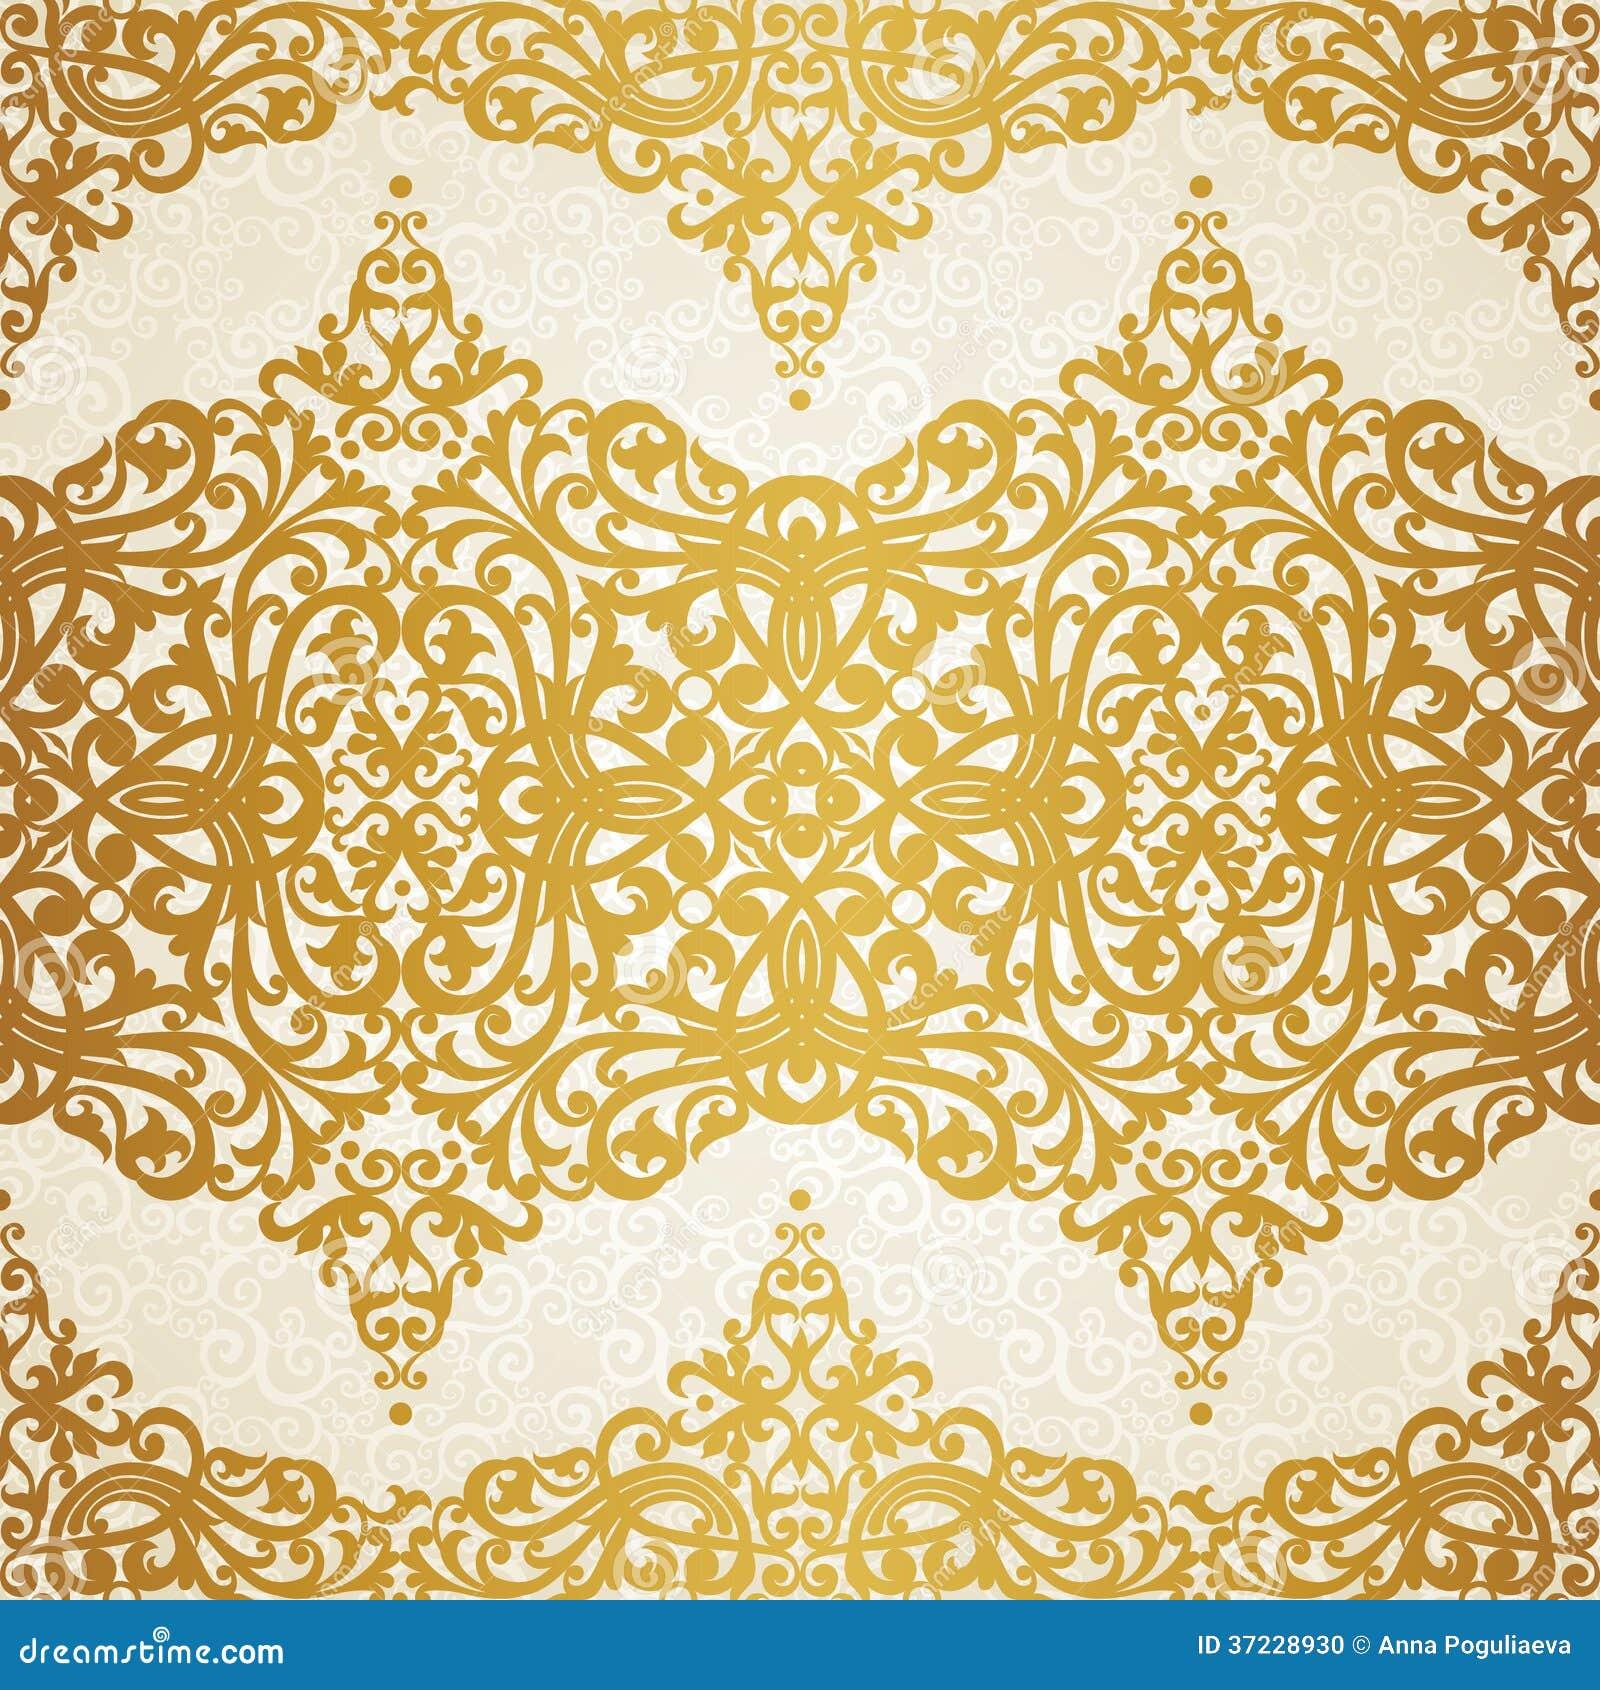 brocade home wallpaper